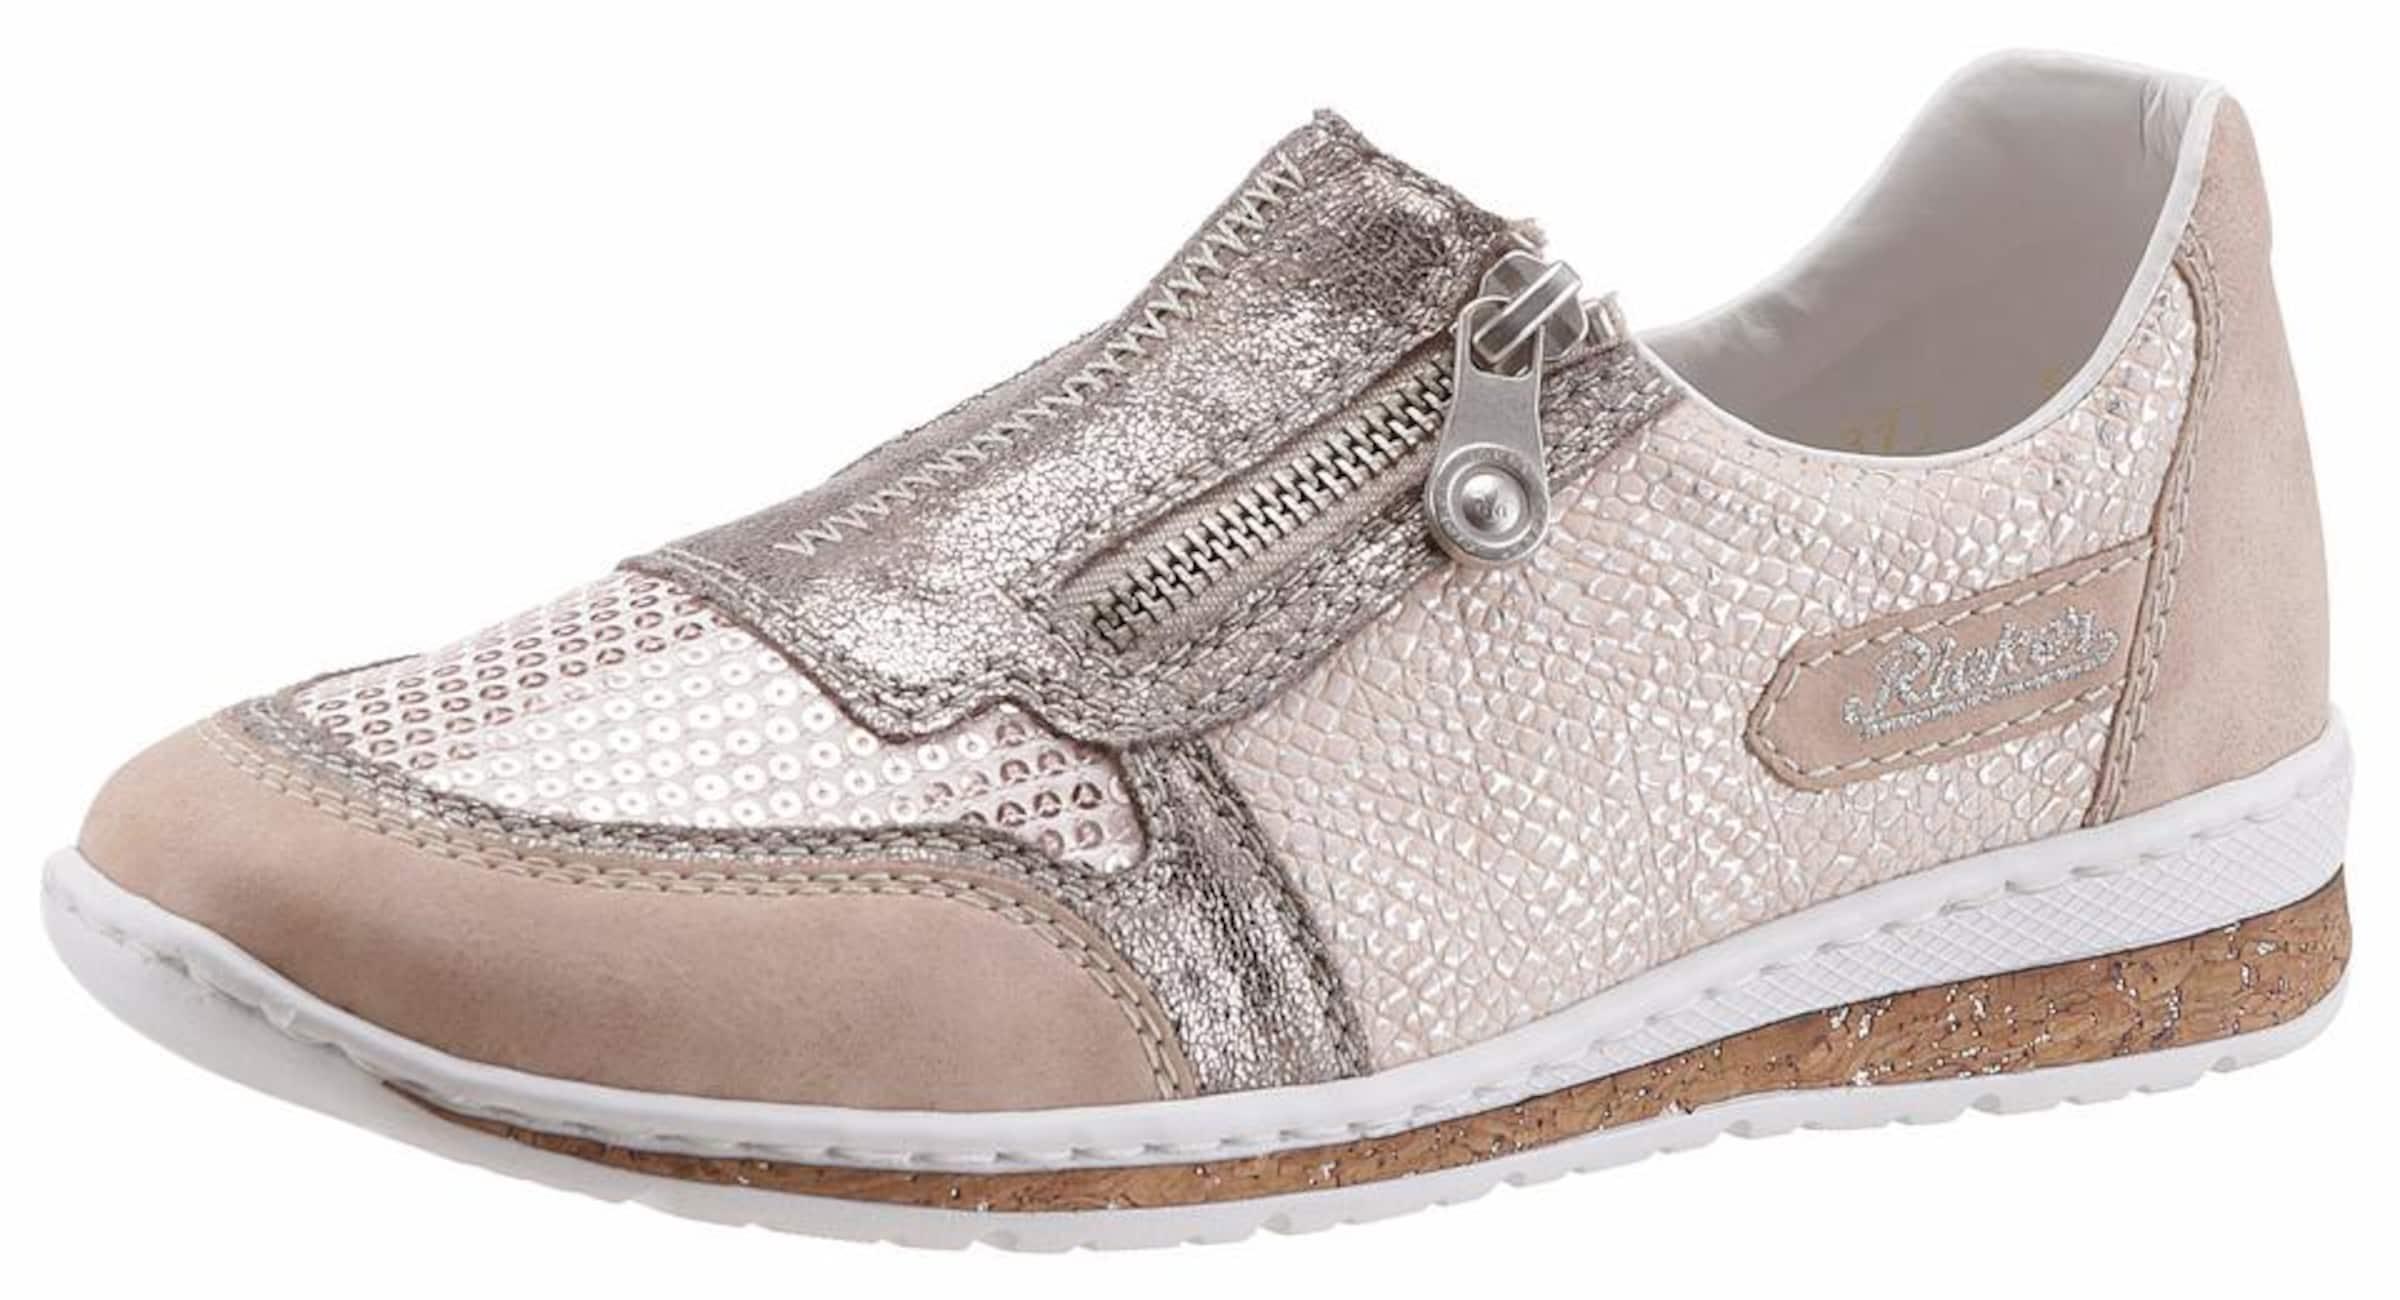 RIEKER Sneaker Verschleißfeste billige Qualität Schuhe Hohe Qualität billige efa8ee